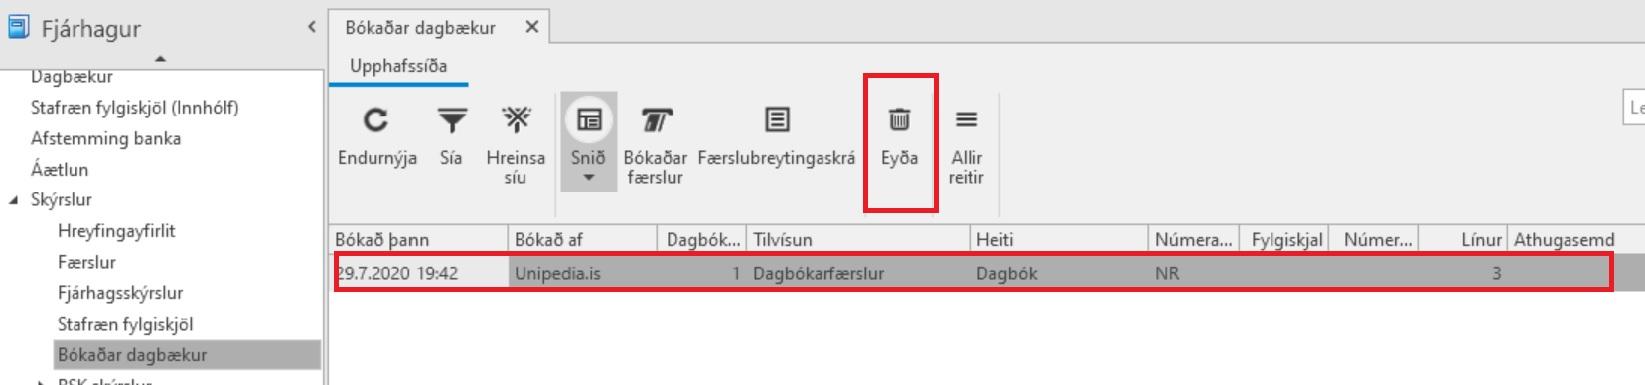 Dagbók, Hætta við fylgiskjal, eyða dagbók, eyða færslu, Uniconta